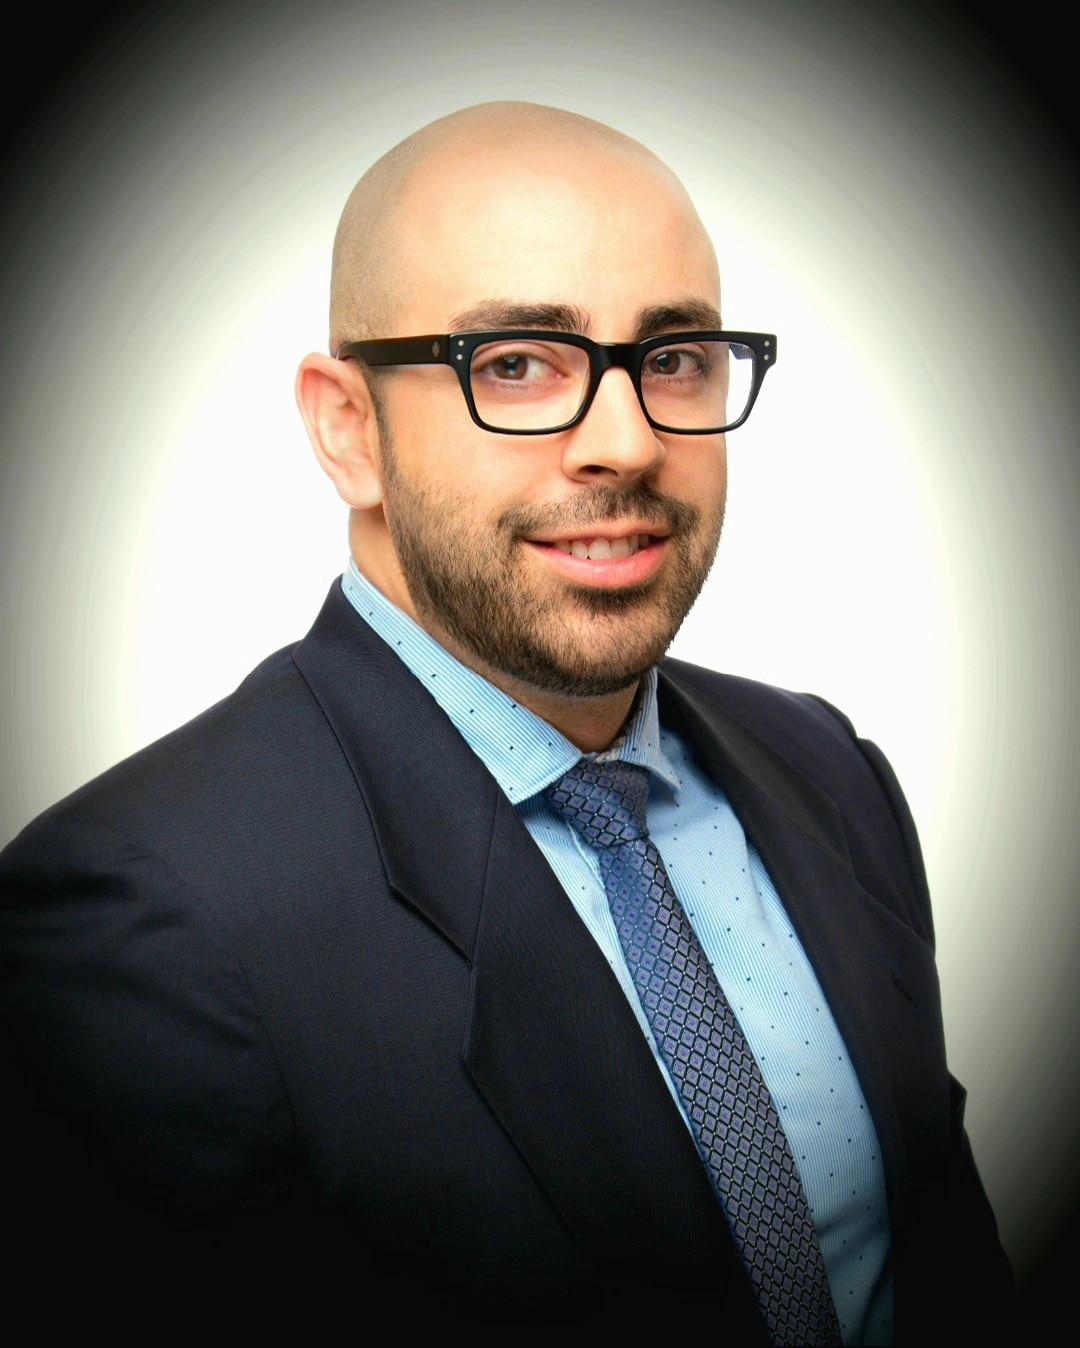 CARLOS LUIS SANCHEZ  Your Financial Professional & Insurance Agent